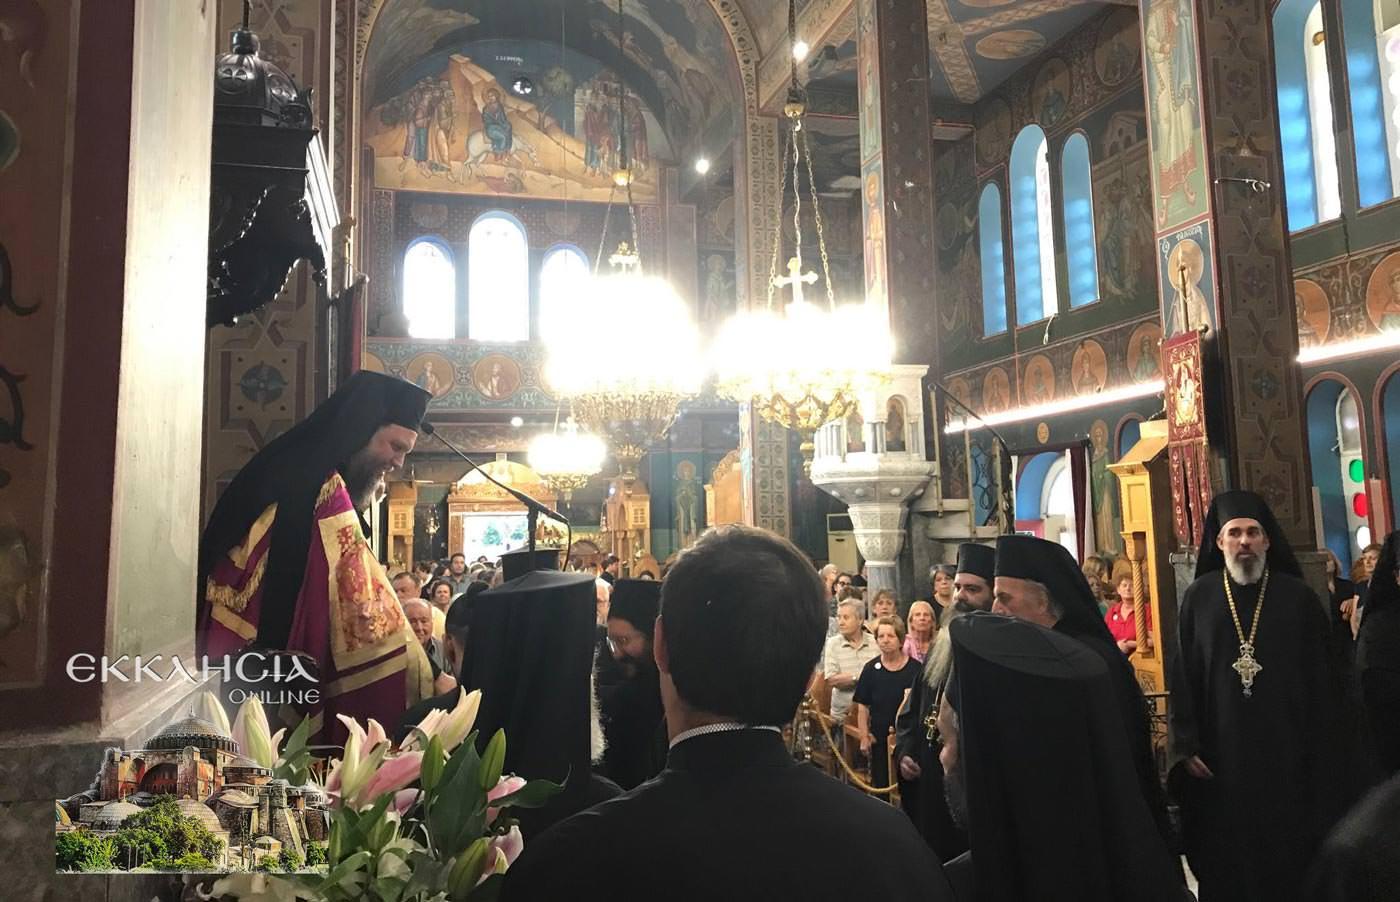 Γιορτή Αγία Ευφημία Μητροπολίτης Νέα Ιωνίας